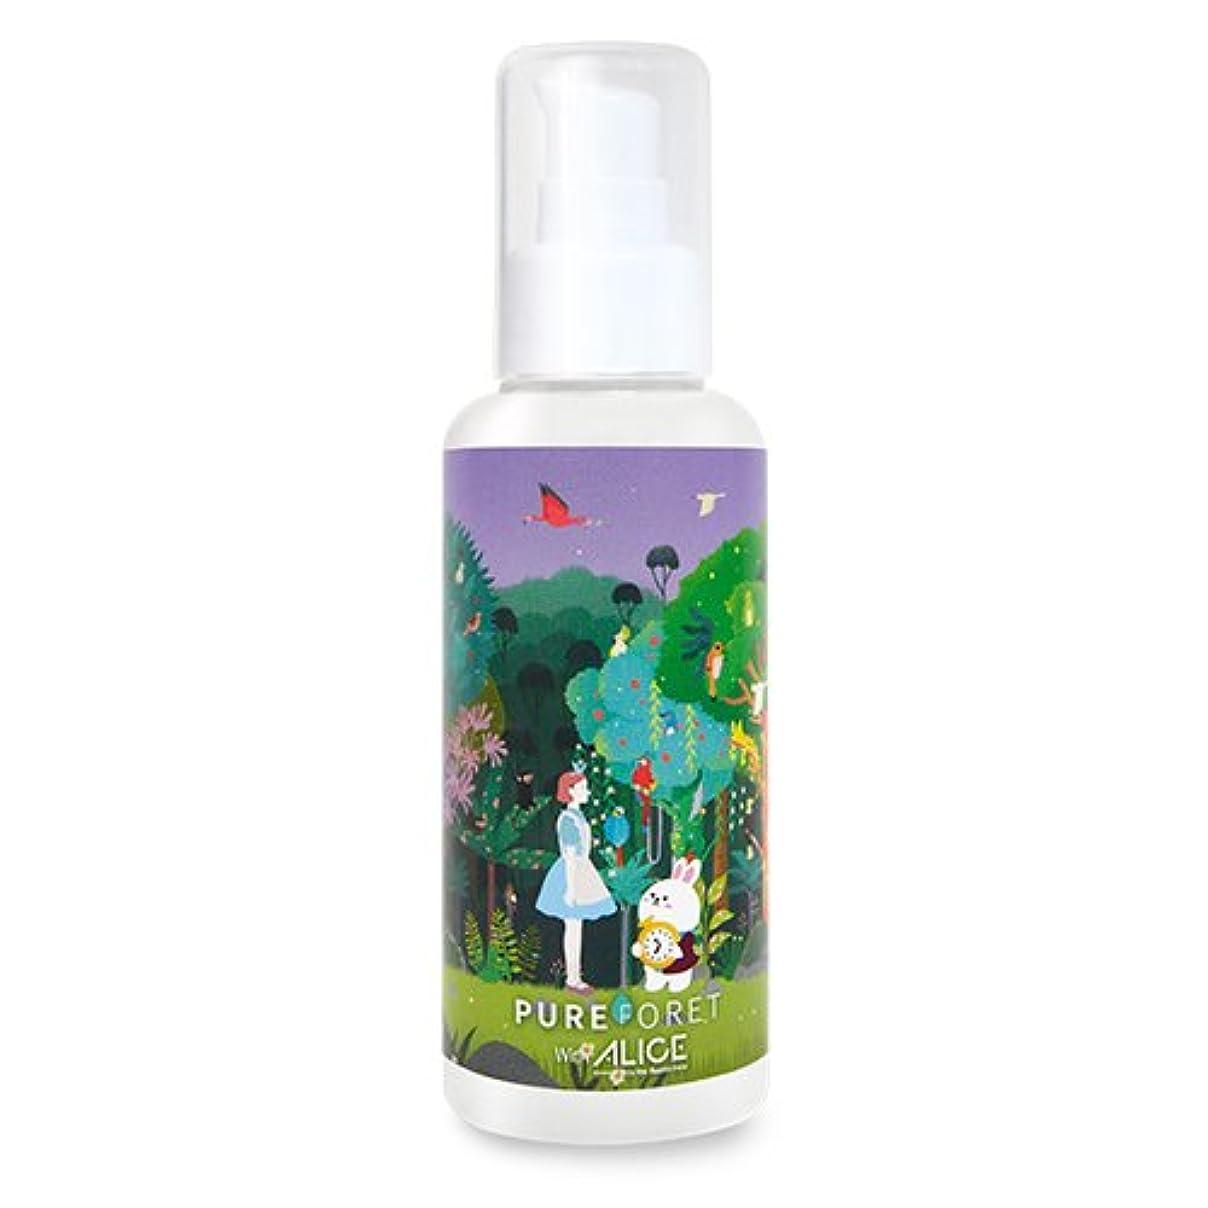 解決するもろい耐えられる韓国産 Pureforet x Alice スキンリペアラビット ハイドレーティング 乳液. (150ml)